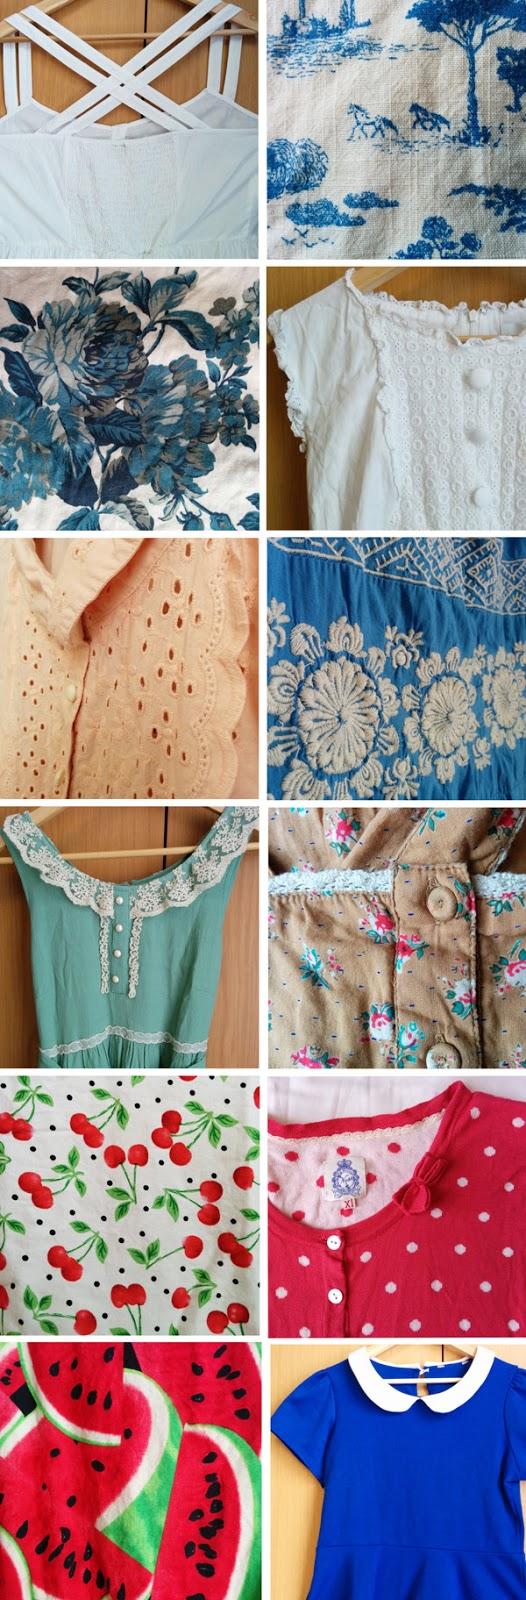 Ebay sale plus size fashion cute and retro